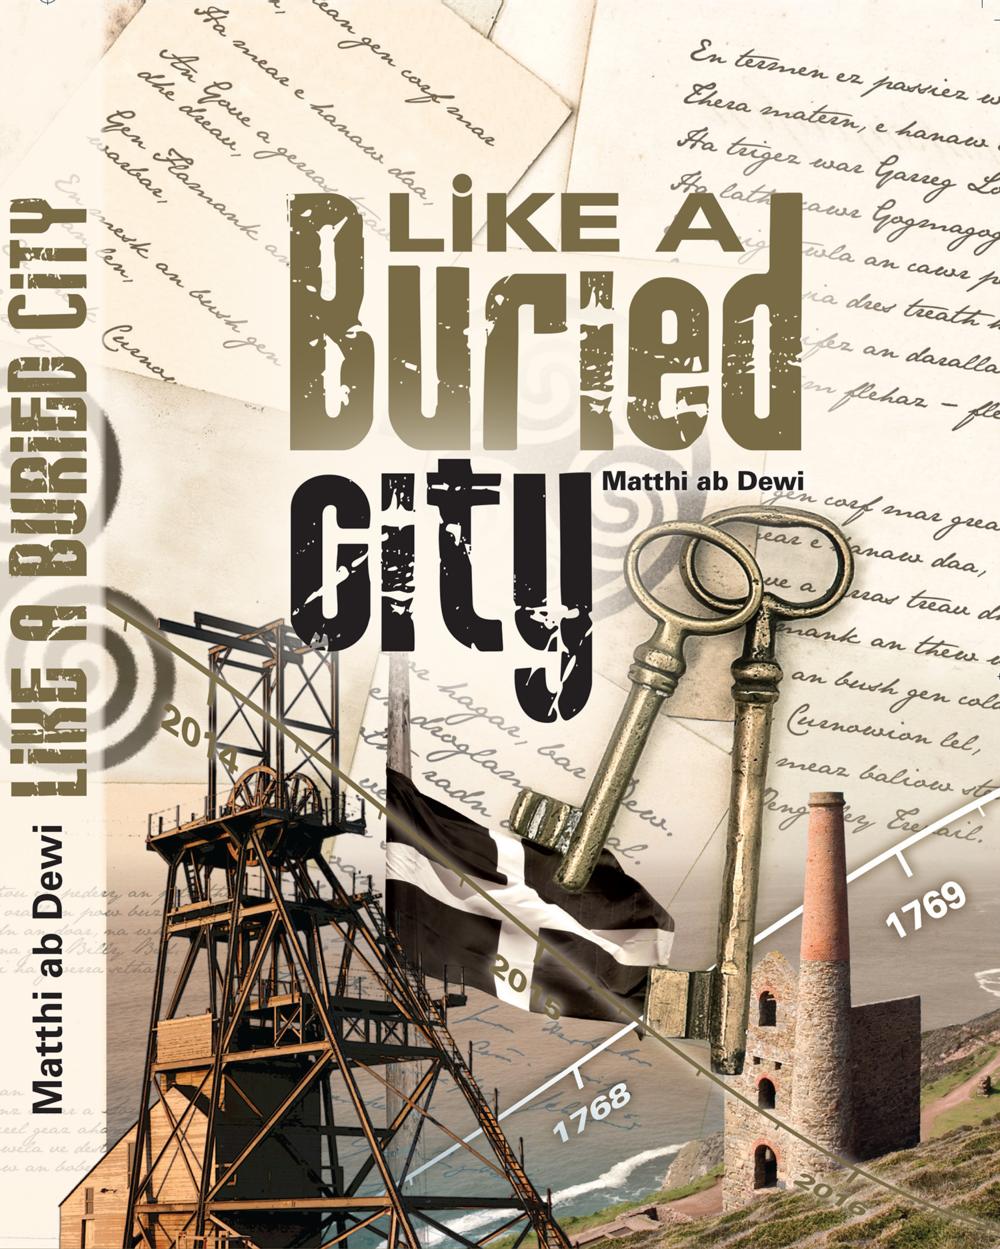 Like-a-Buried-City-Cvr-4x5.png